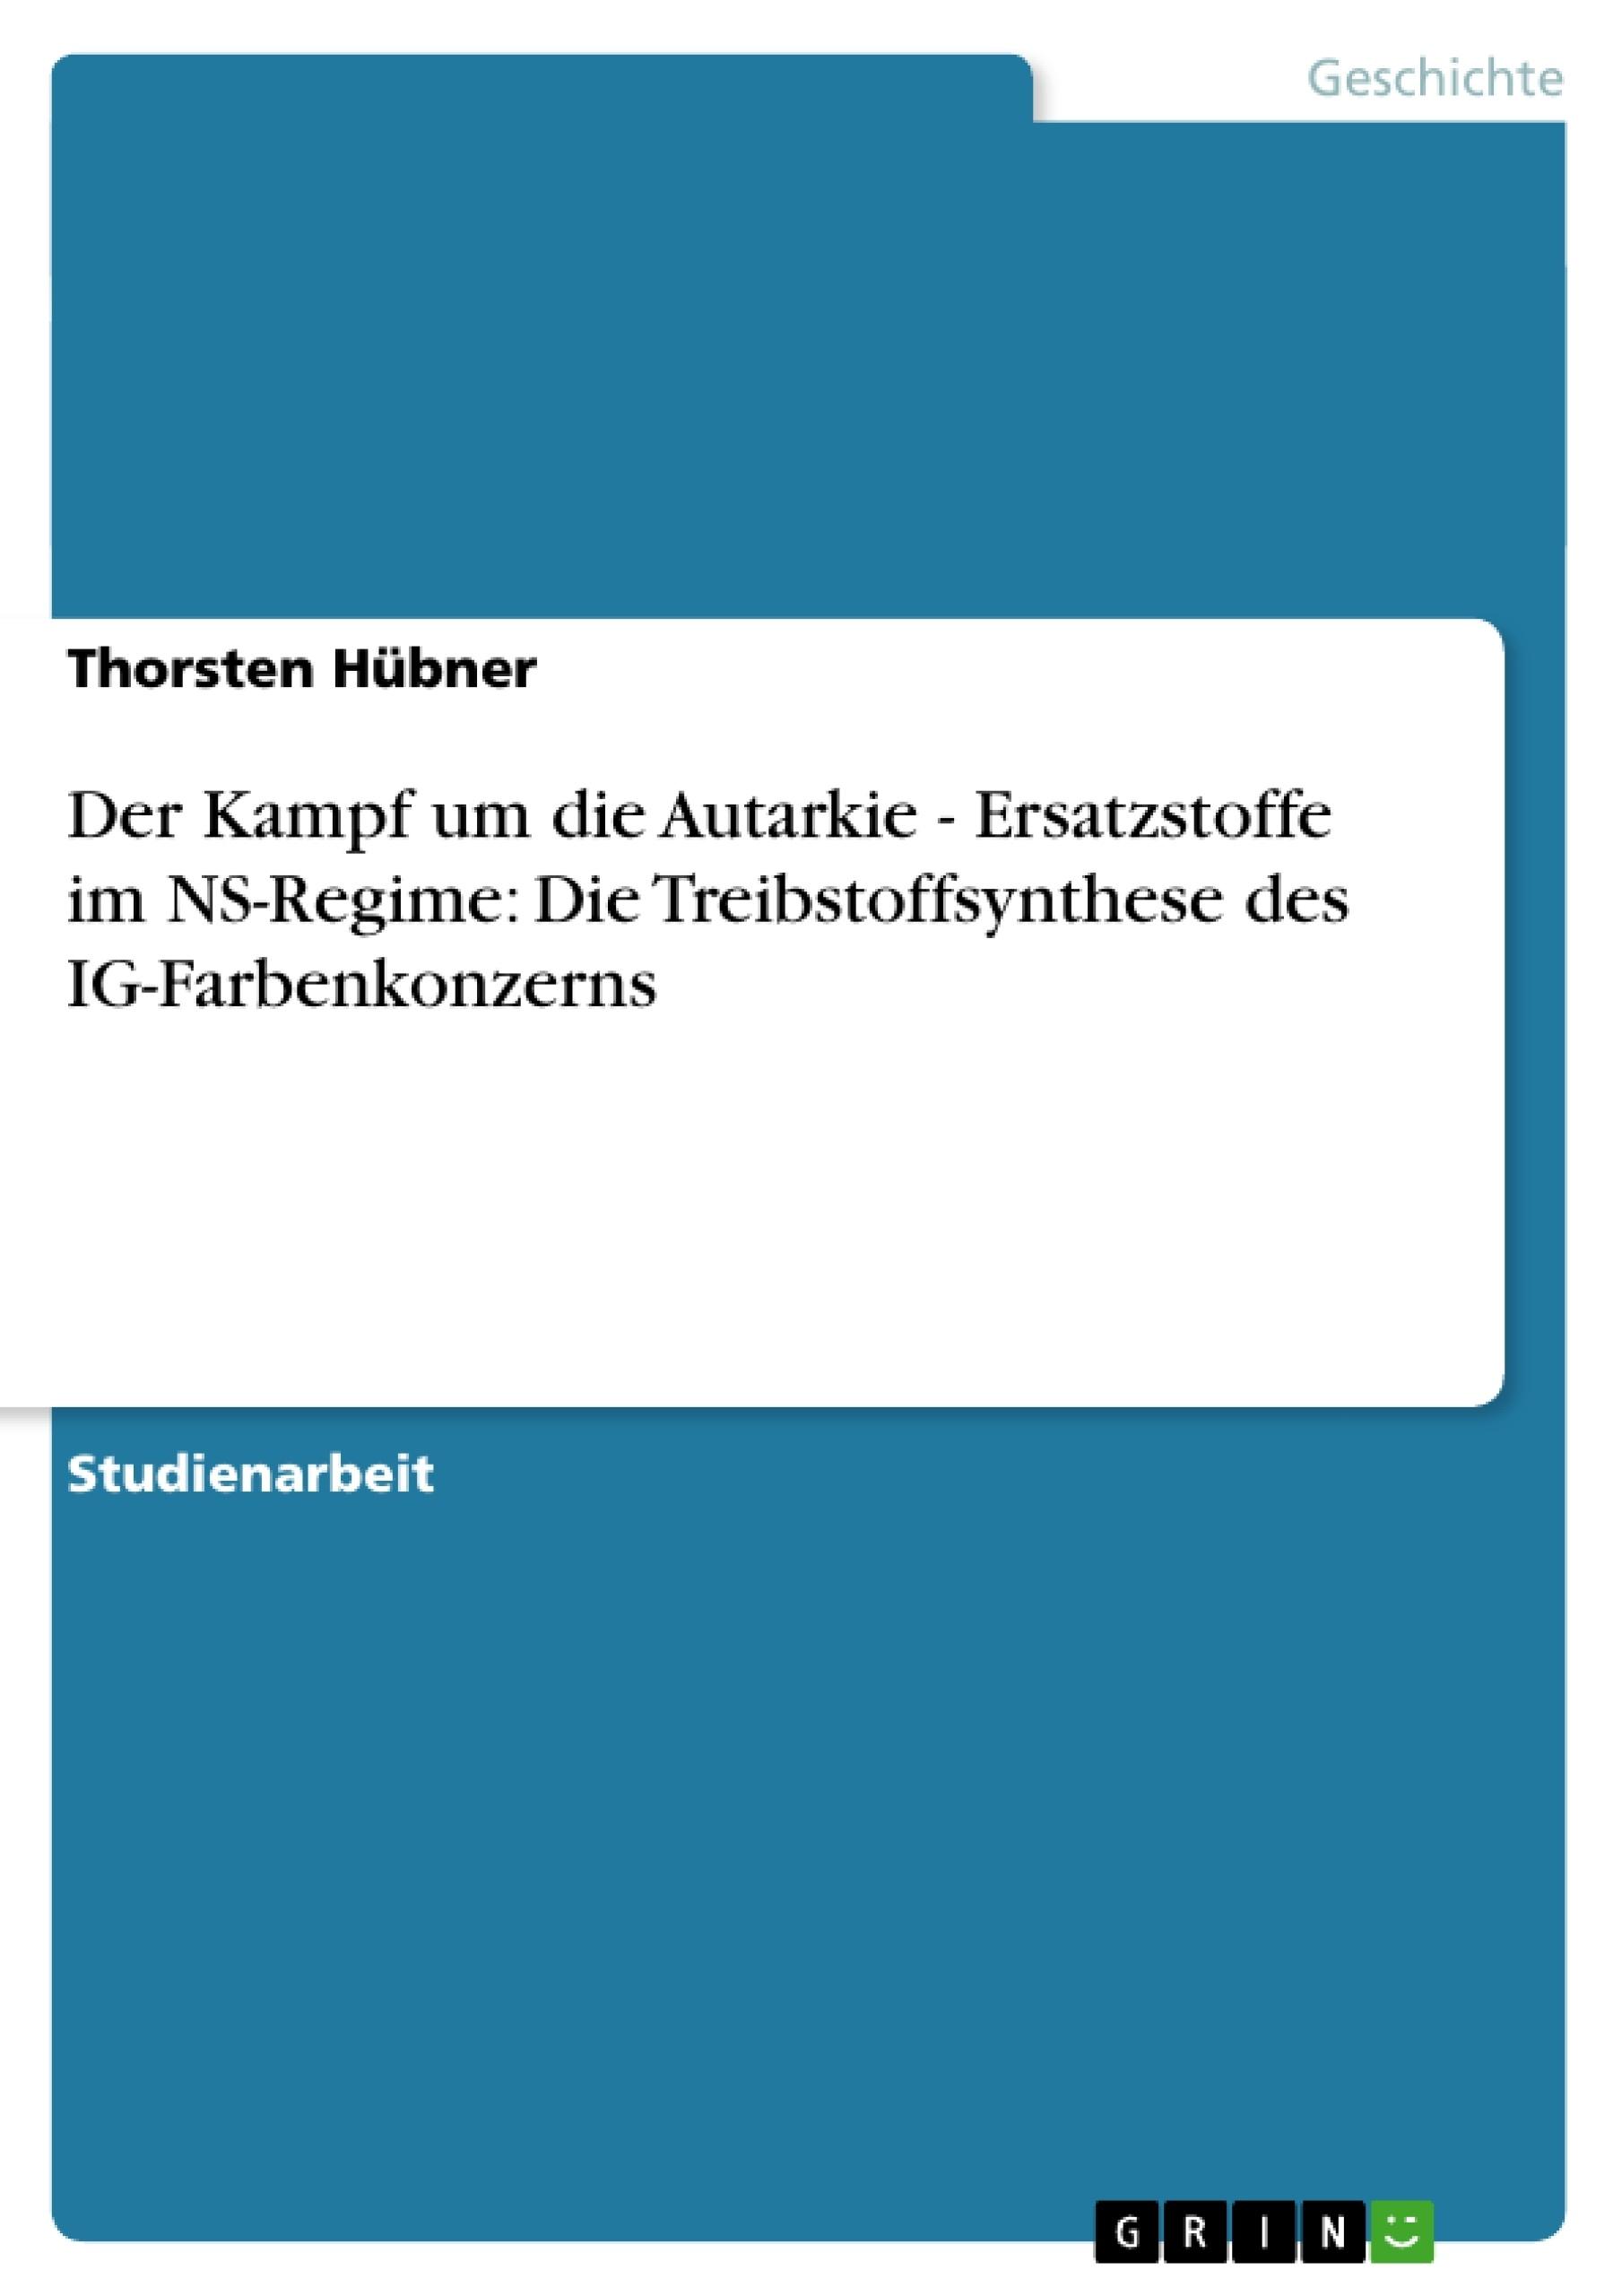 Titel: Der Kampf um die Autarkie - Ersatzstoffe im NS-Regime: Die Treibstoffsynthese des IG-Farbenkonzerns